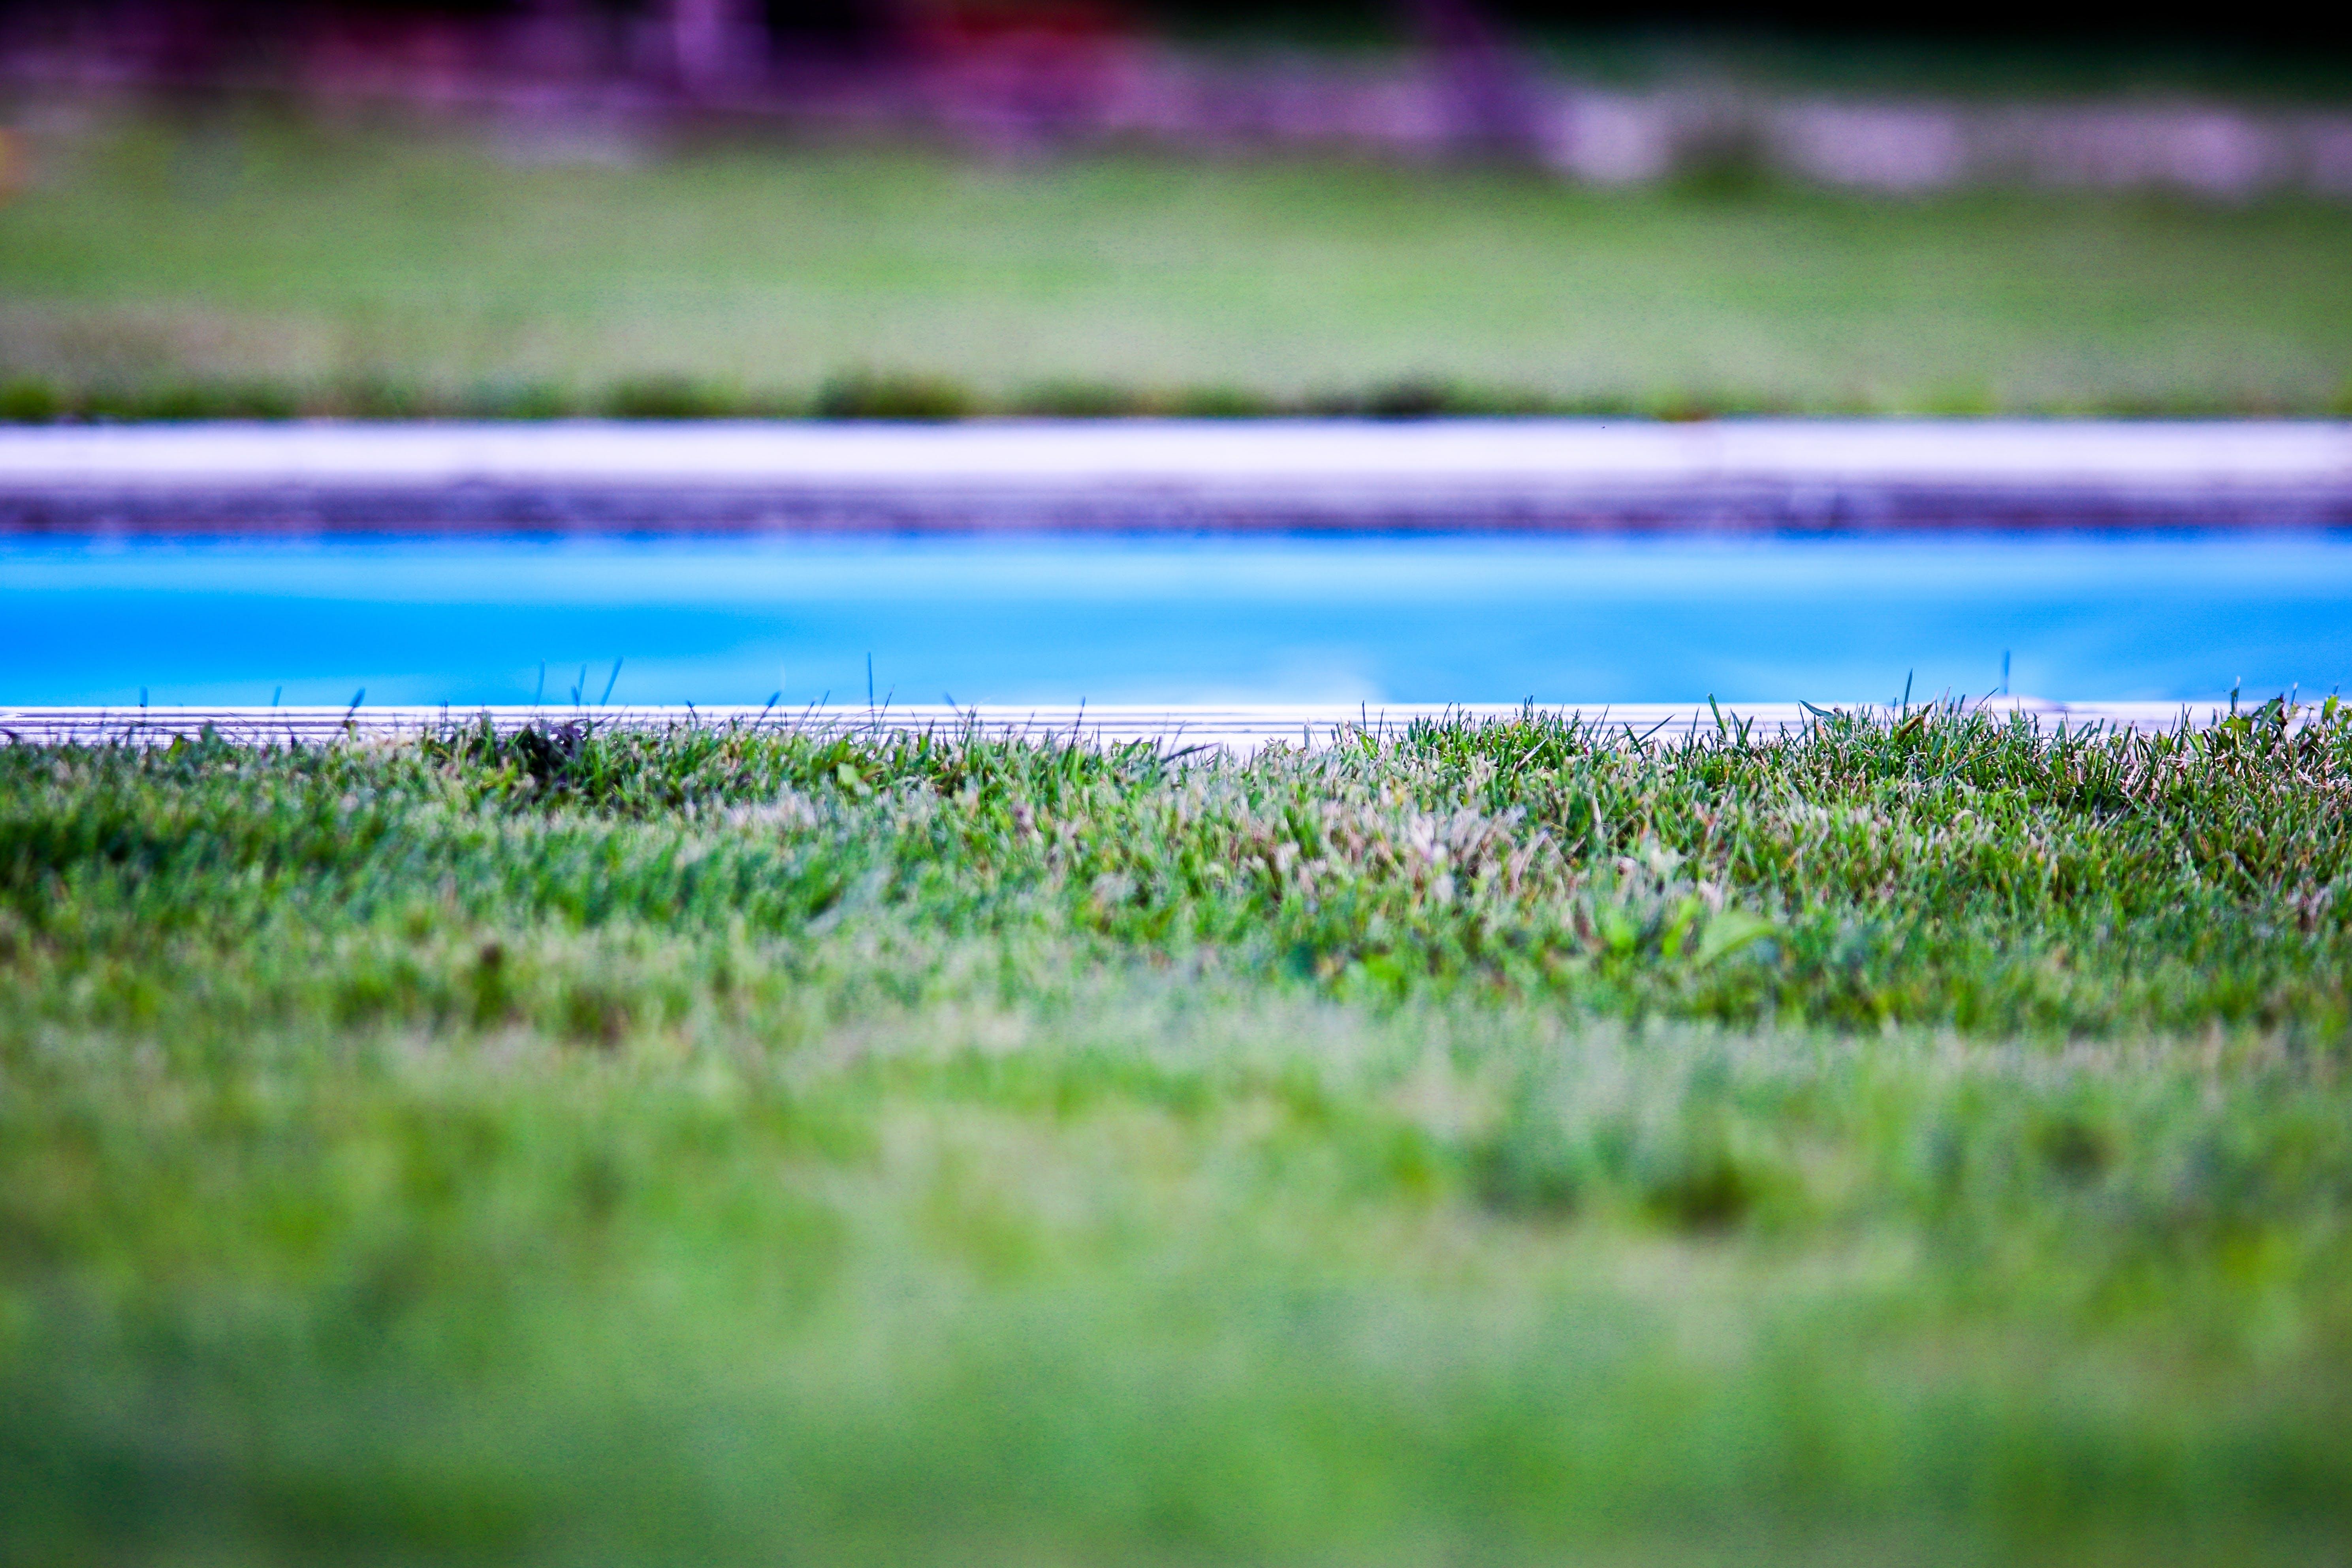 depth of field, garden, grass